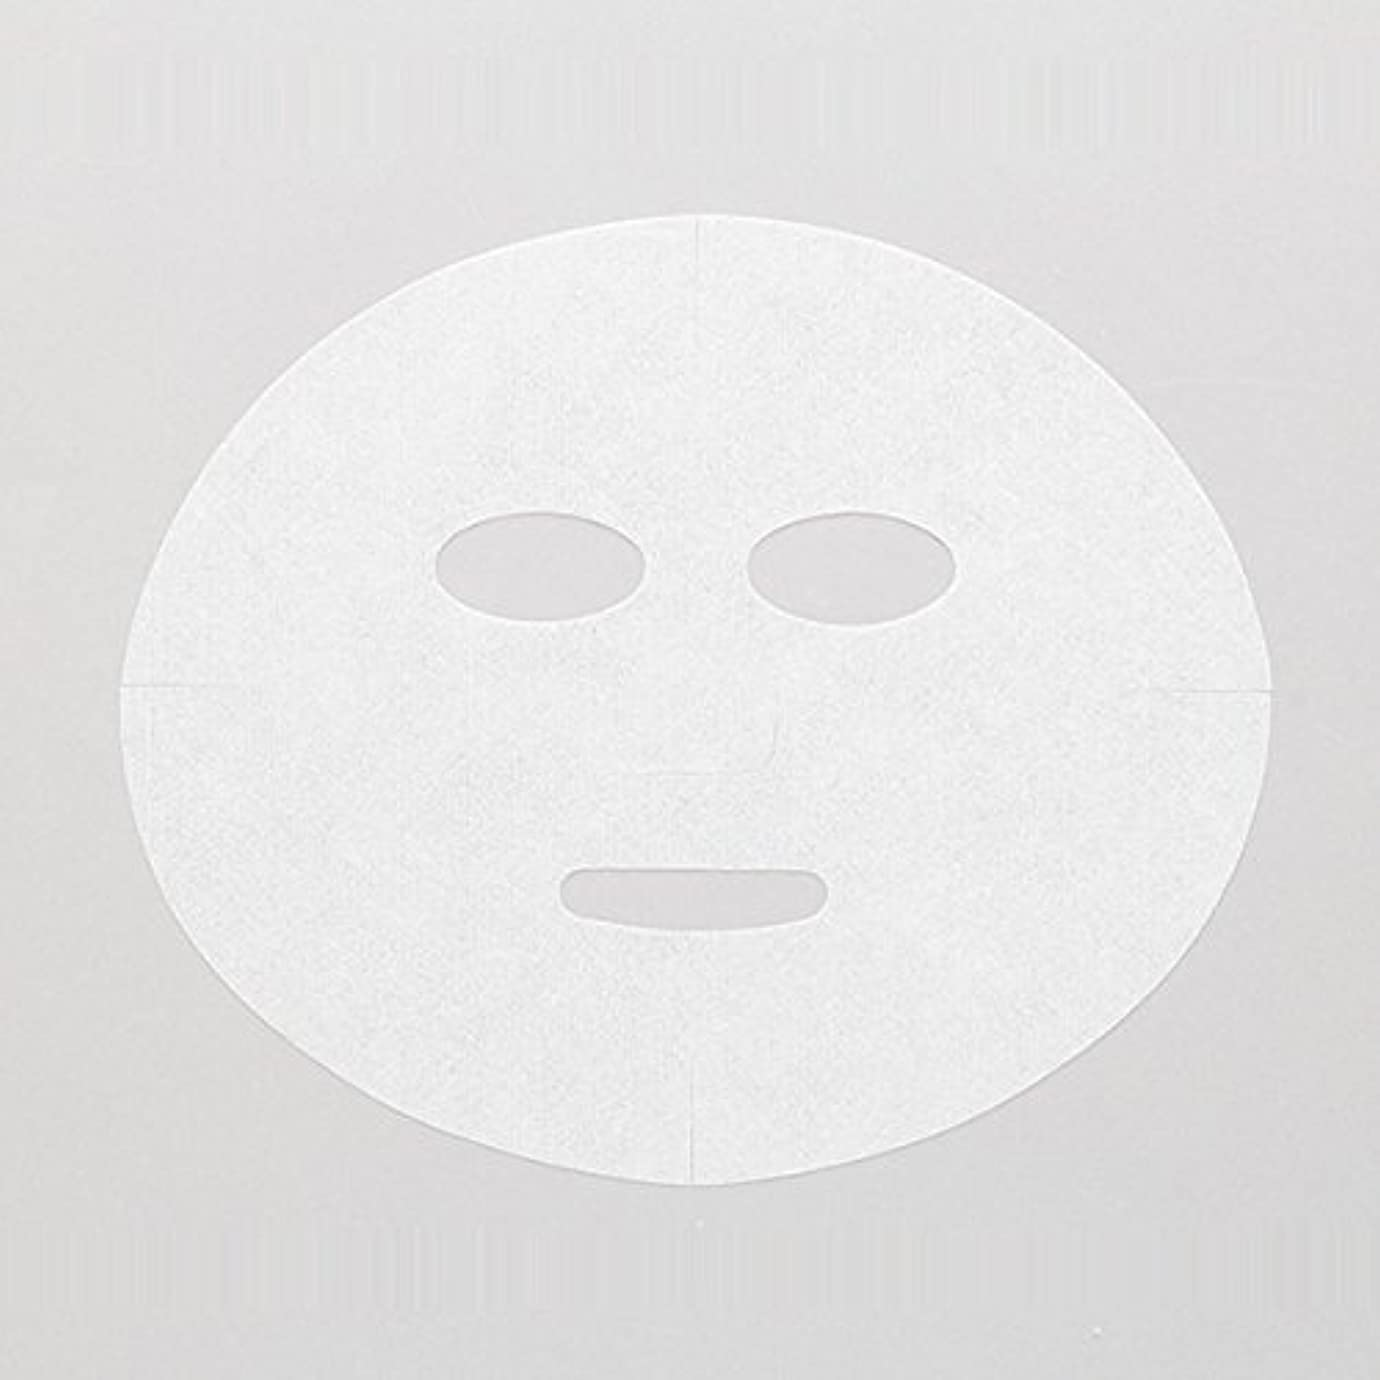 高保水 フェイシャルシート (マスクタイプ 化粧水無) 80枚 24×20cm [ フェイスマスク フェイスシート フェイスパック フェイシャルマスク シートマスク フェイシャルシート フェイシャルパック ローションマスク...